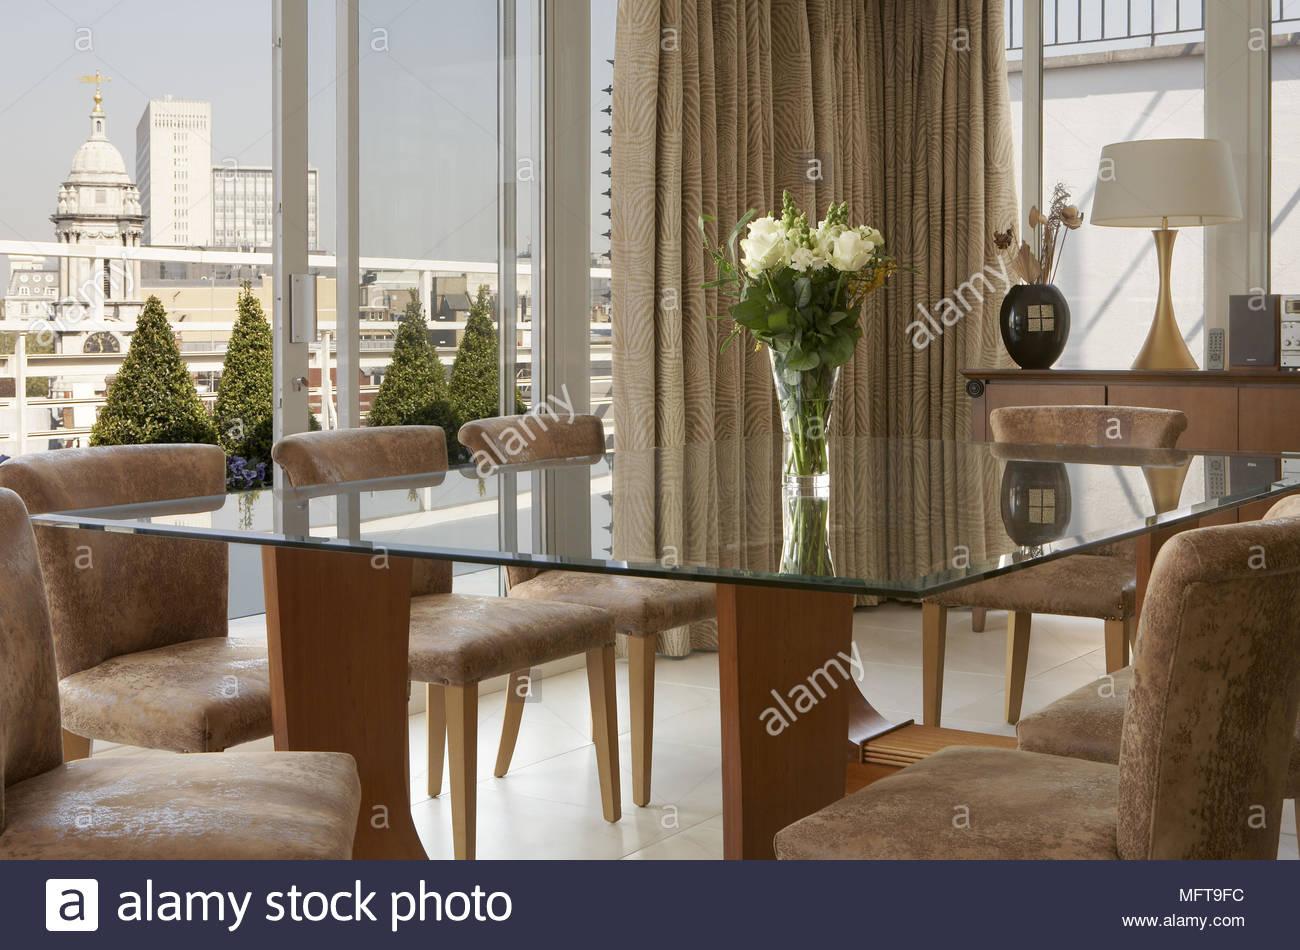 Sala Da Pranzo Moderna Immagini : Sedie imbottite al tavolo nella sala da pranzo moderna foto